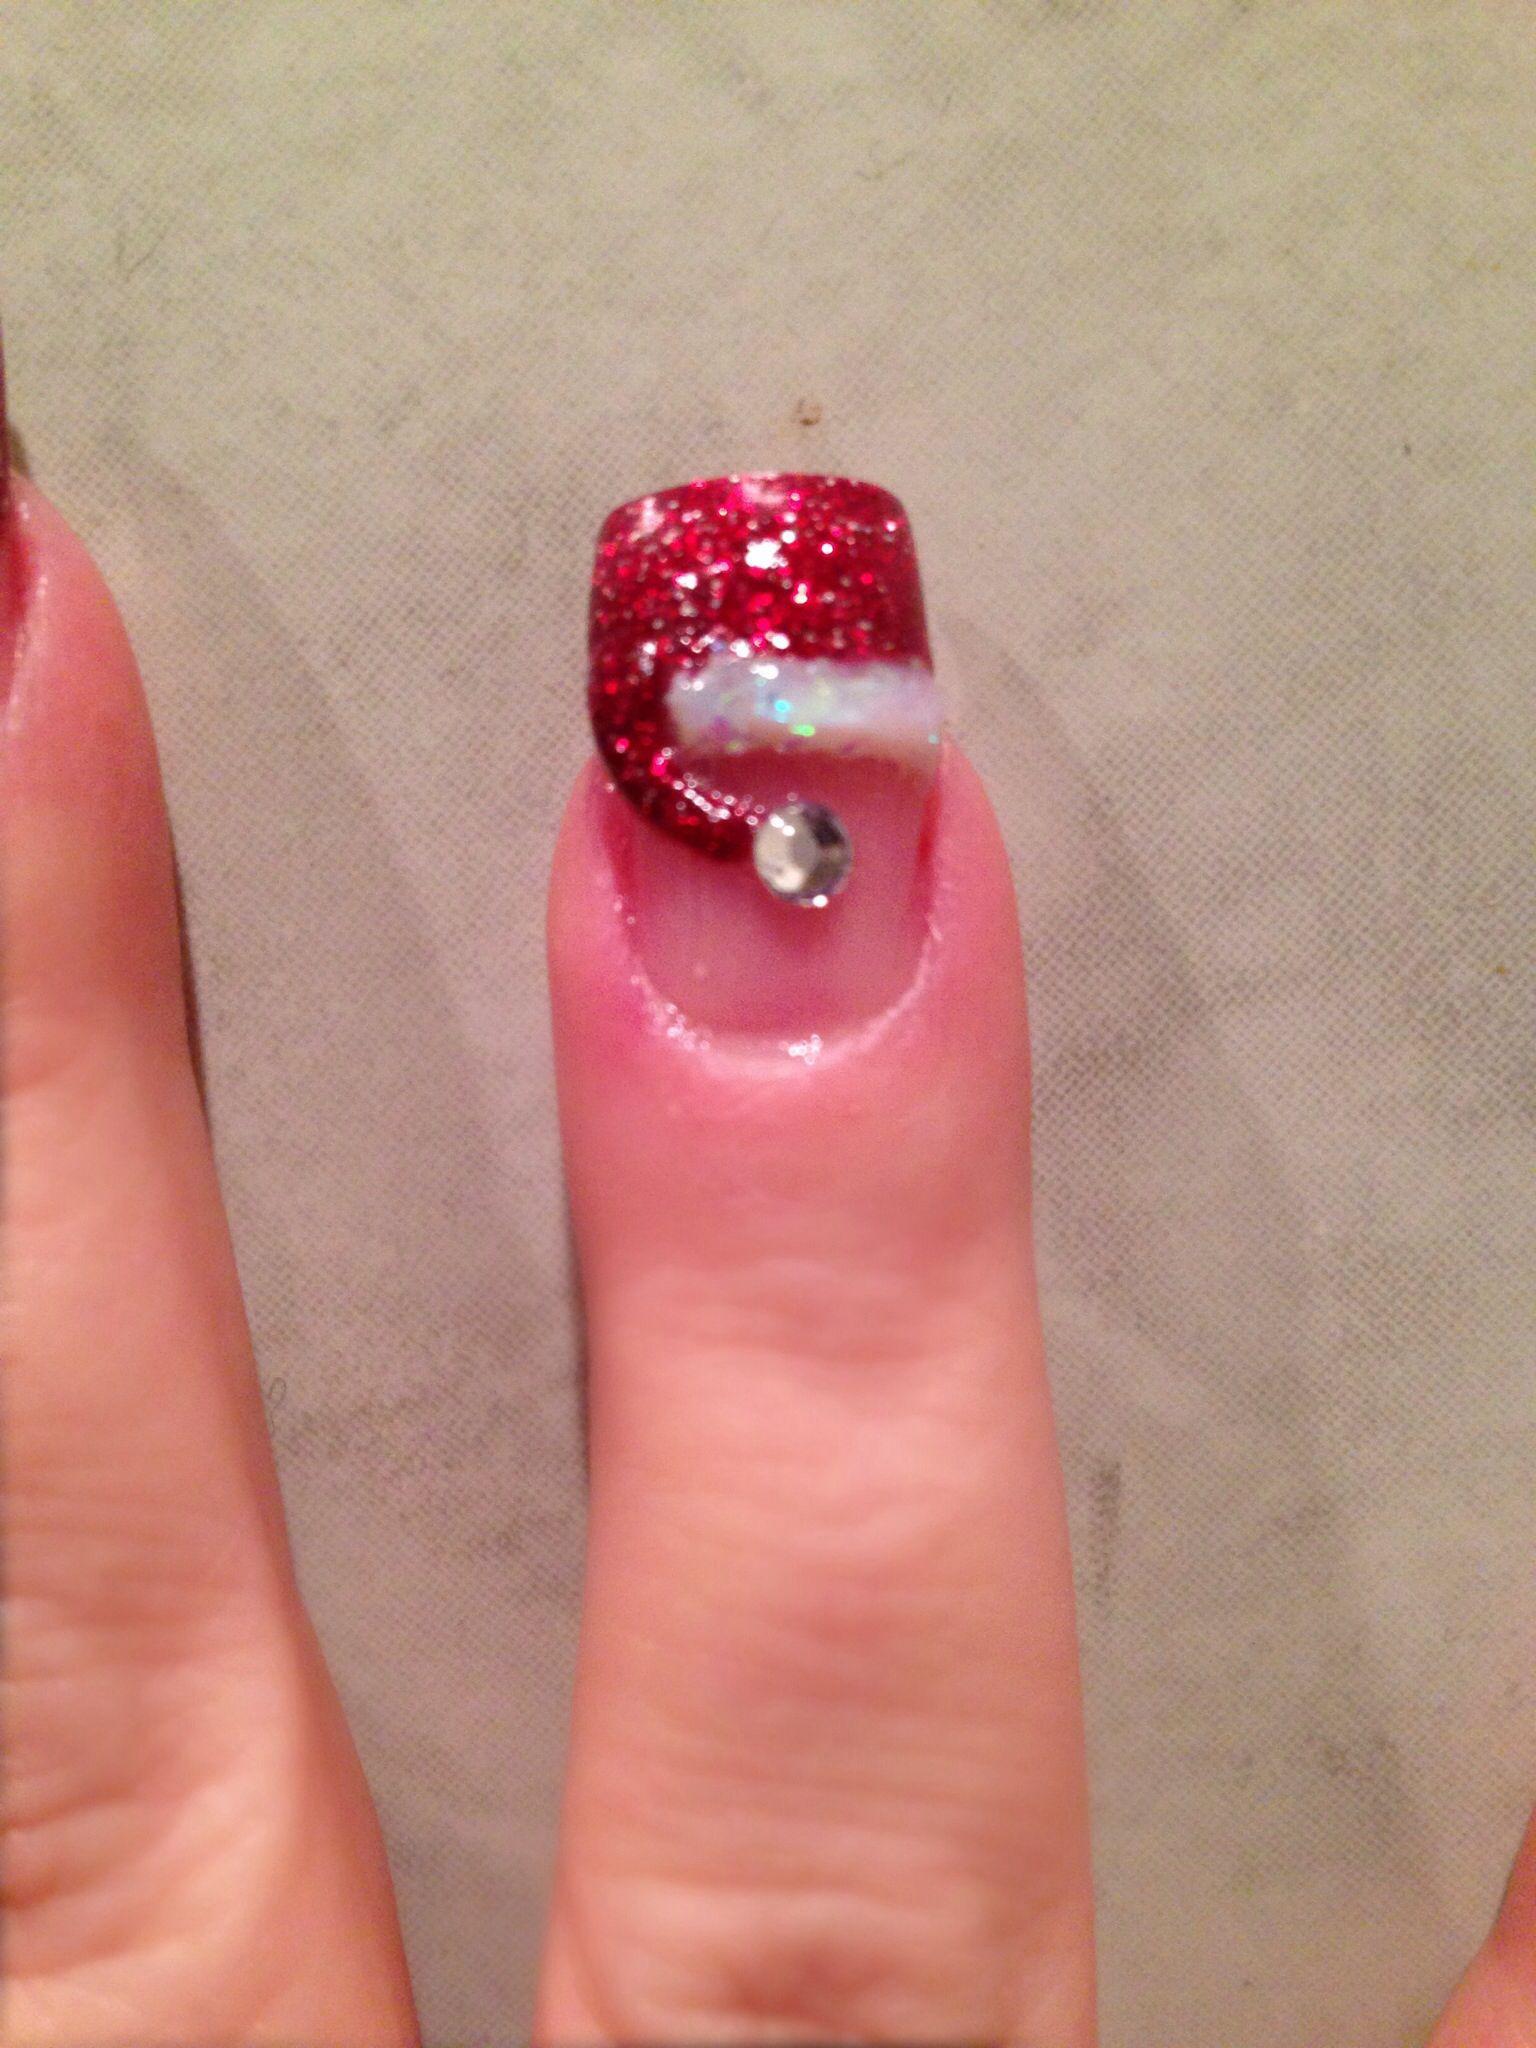 Pin By Lisa Decola On Nail Art Holiday Nails Diy Glamour Nails Xmas Nails